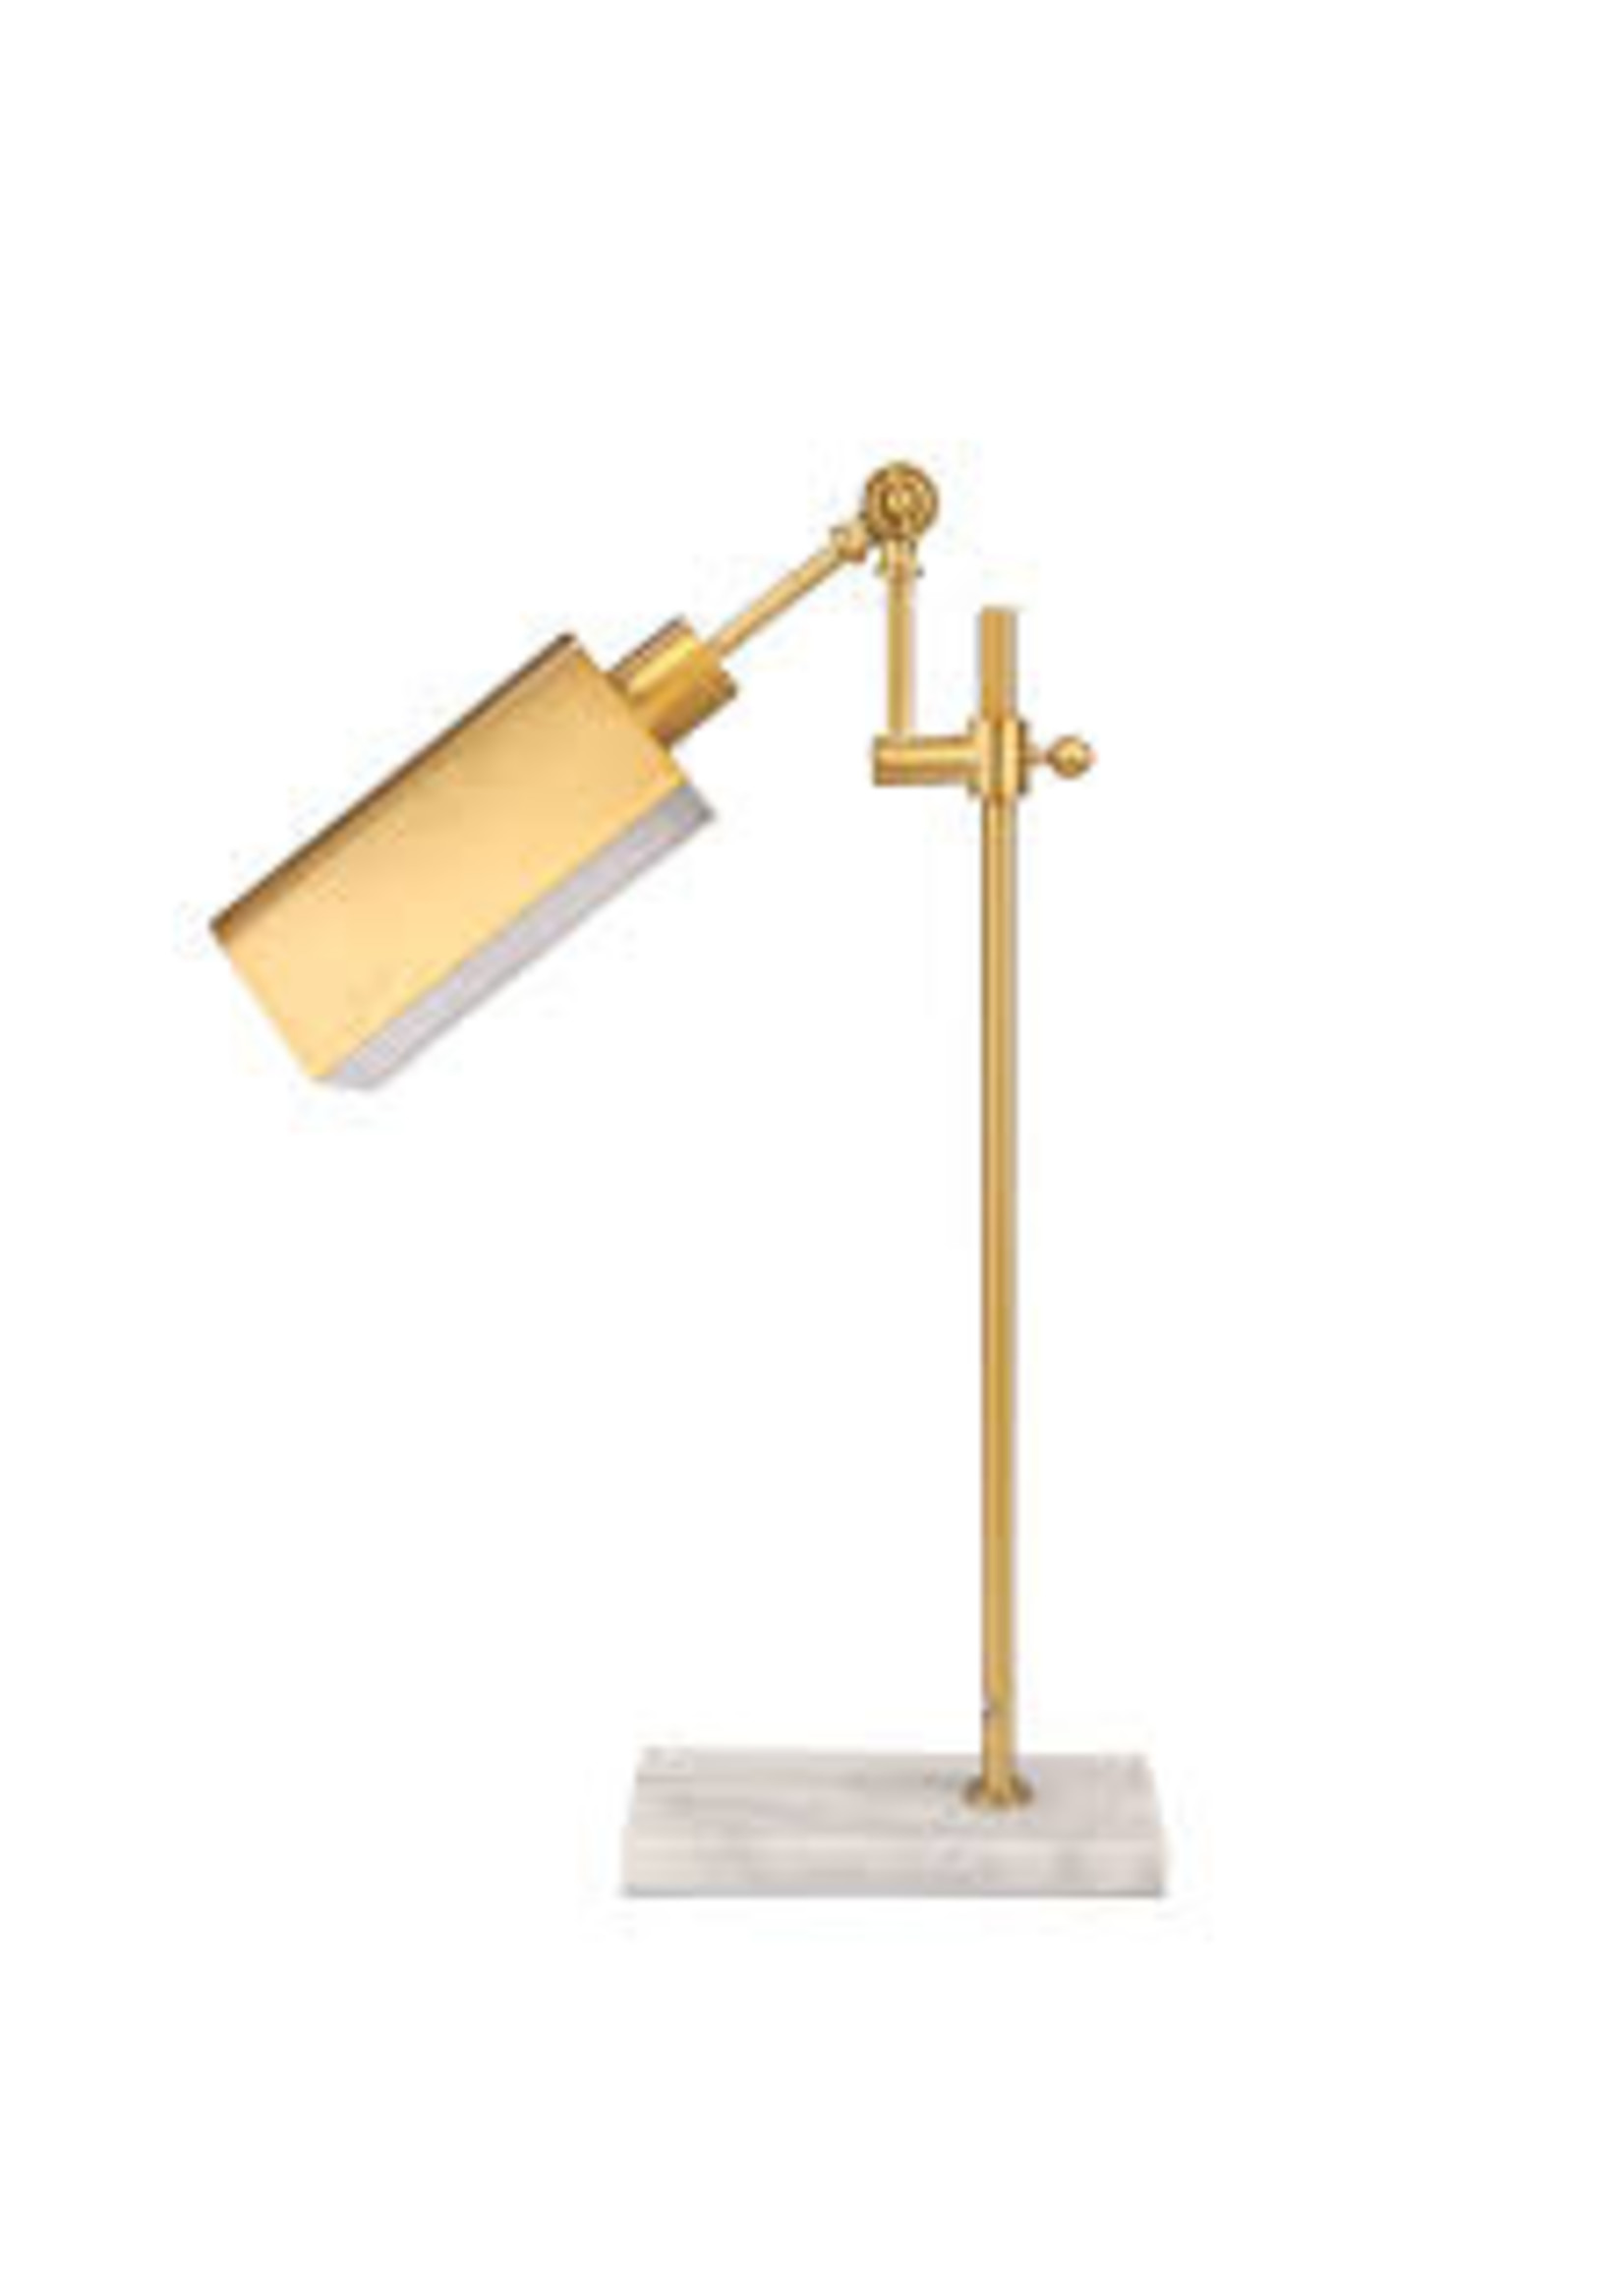 Sagebrook Home Metal Desk Lamp w/Marble Base Gold